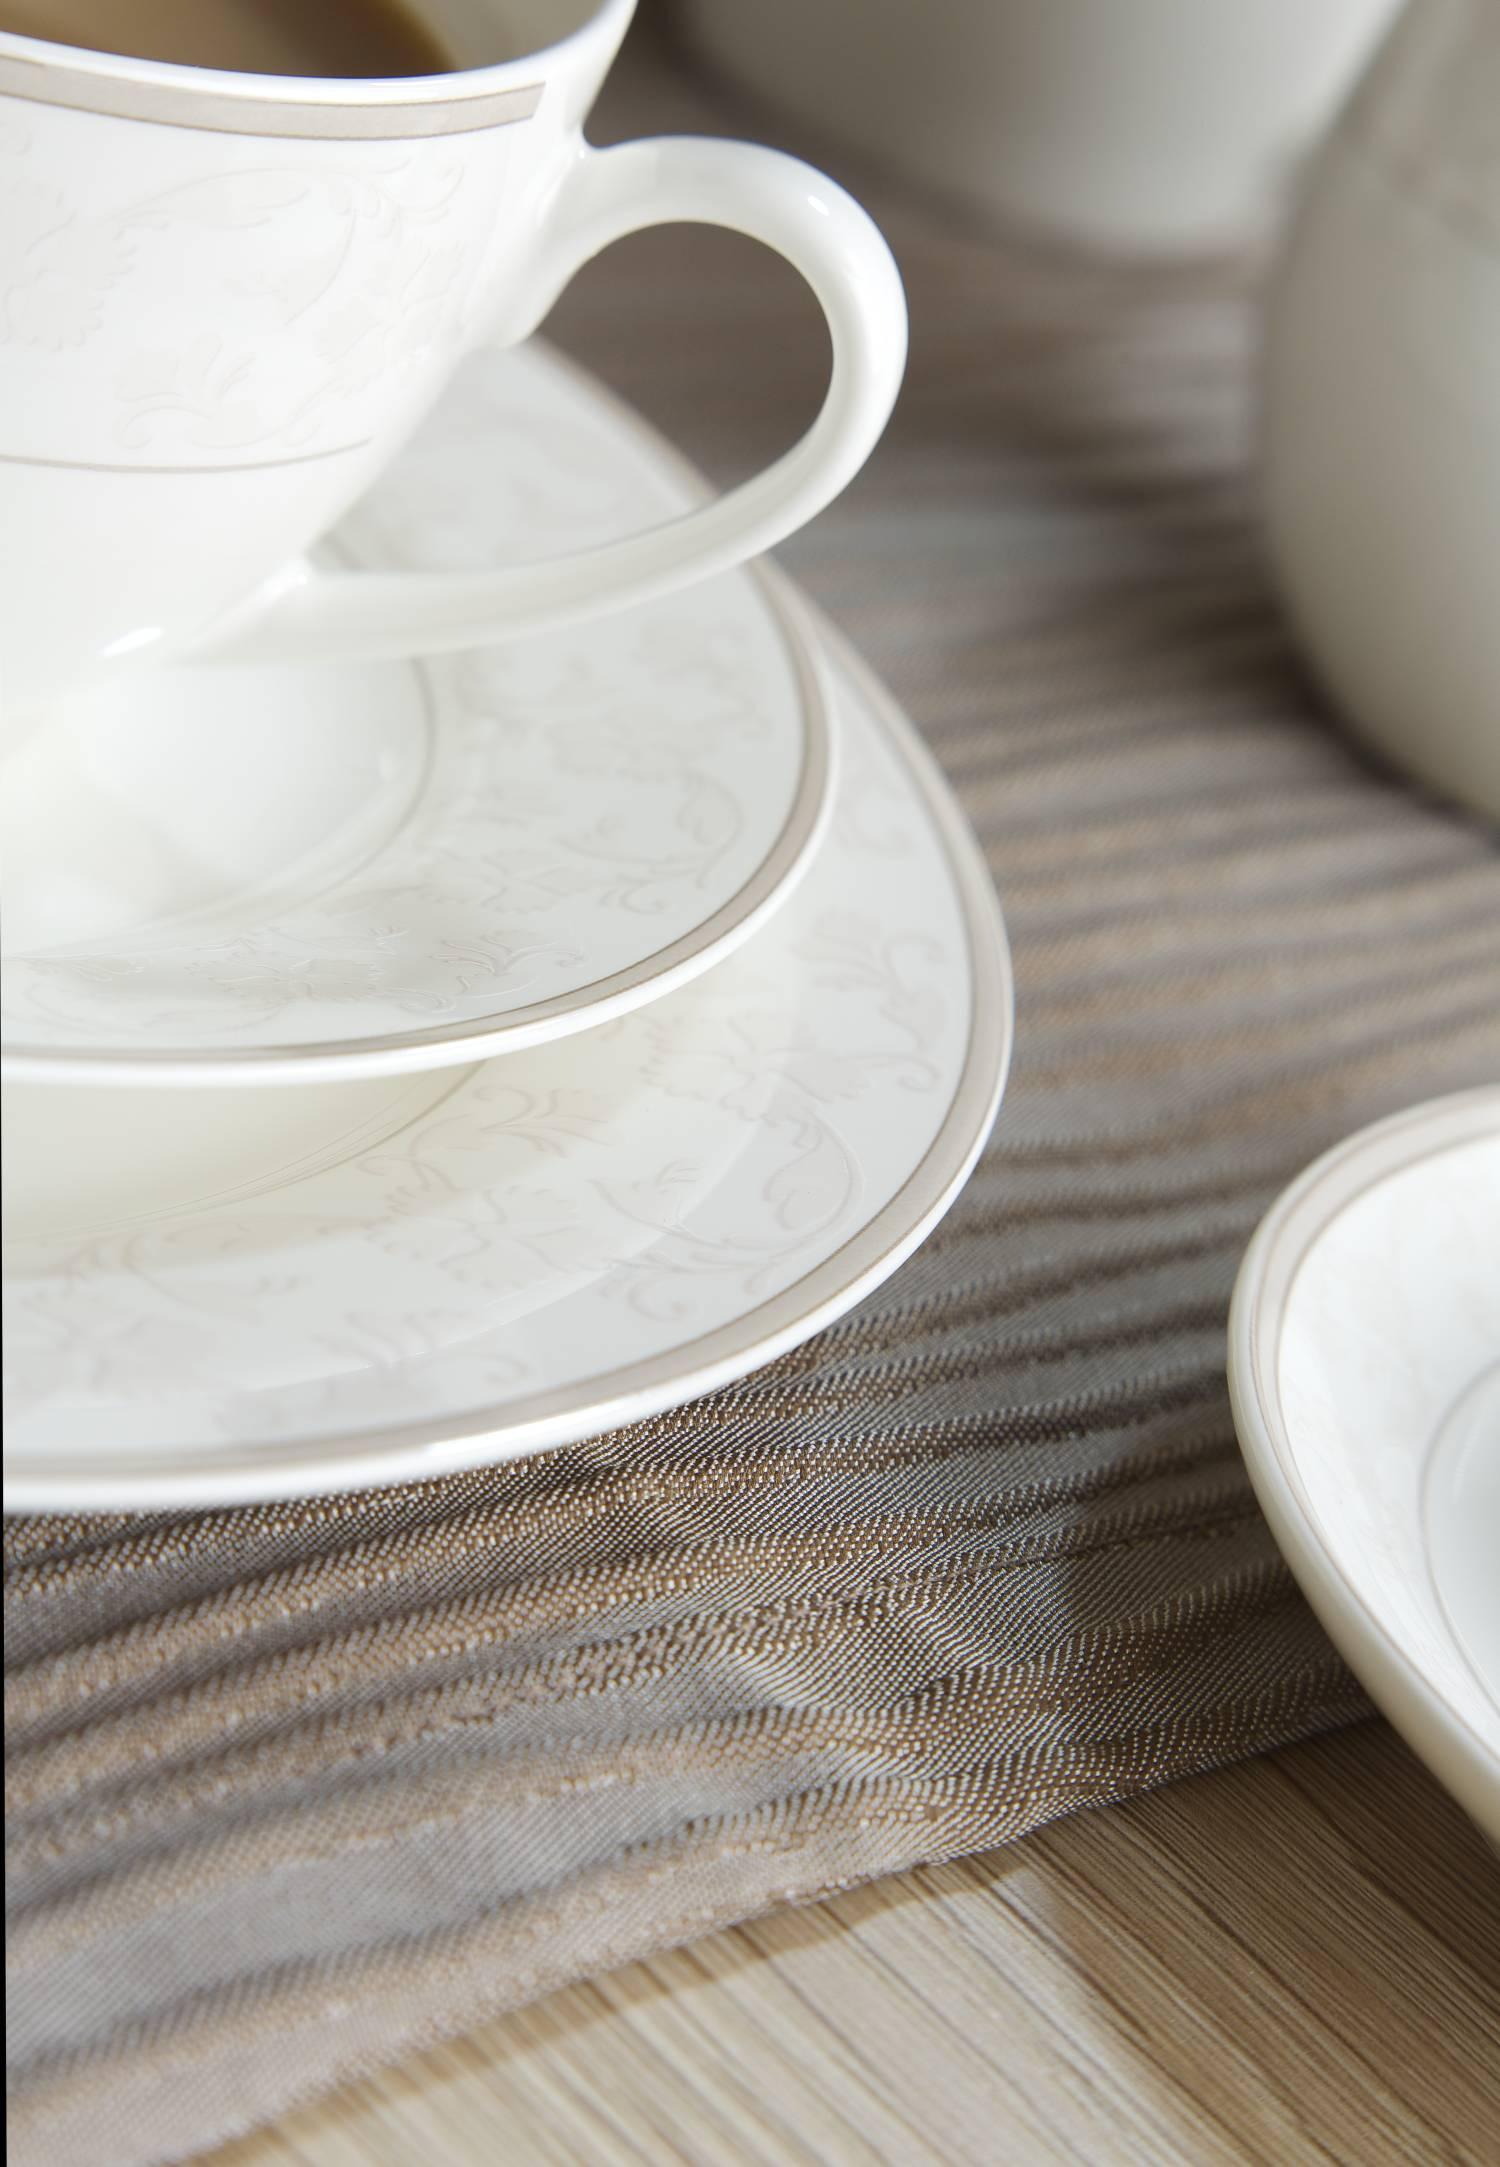 ritzenhoff und breker via kaffeeservice porzellan serie isabella 18 tlg neu gastro. Black Bedroom Furniture Sets. Home Design Ideas